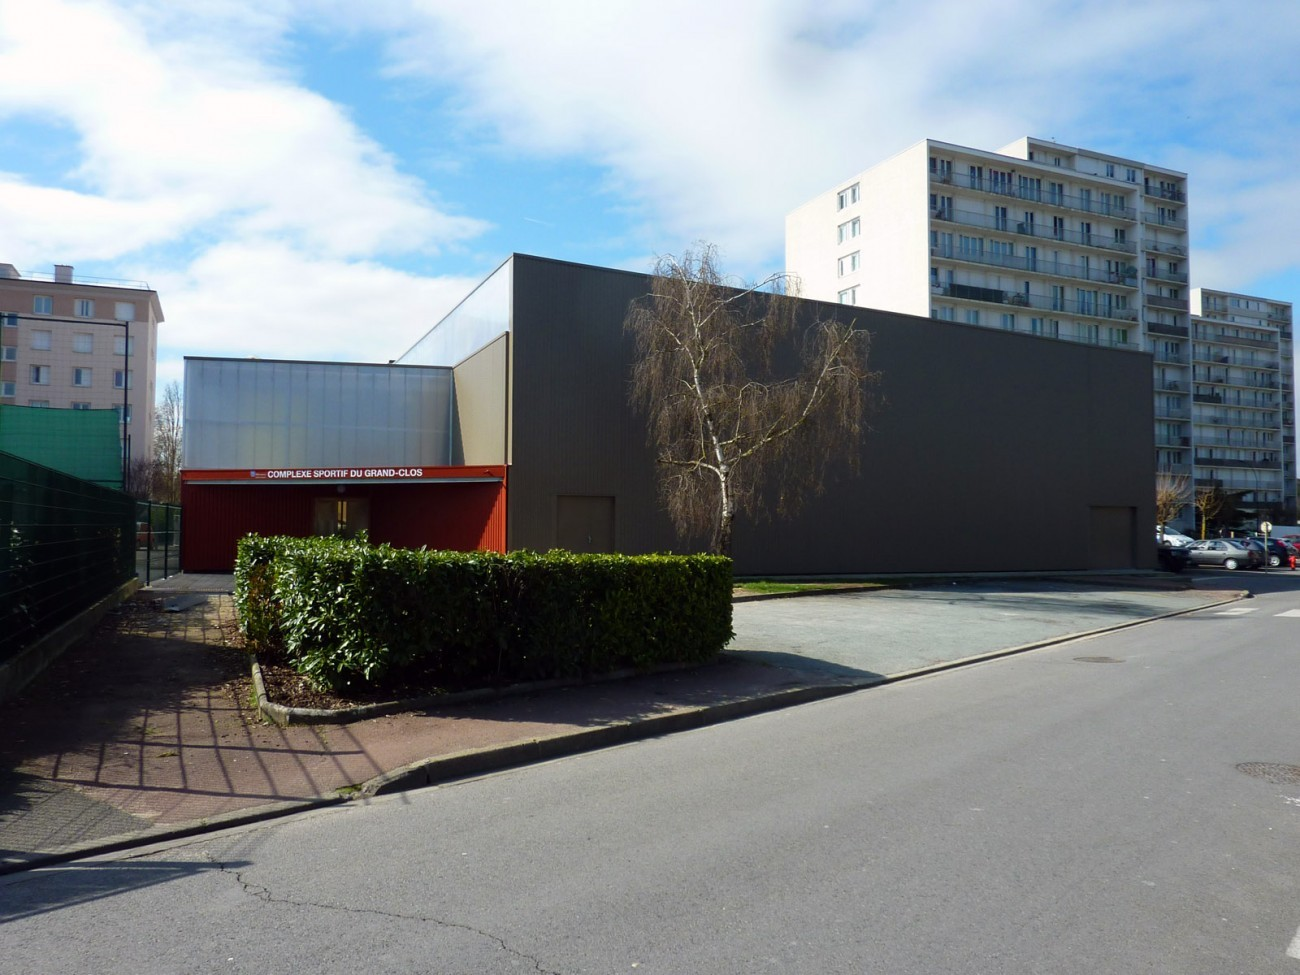 Bourgueil rouleau architectes gymnase du grand clos for Architecte montargis